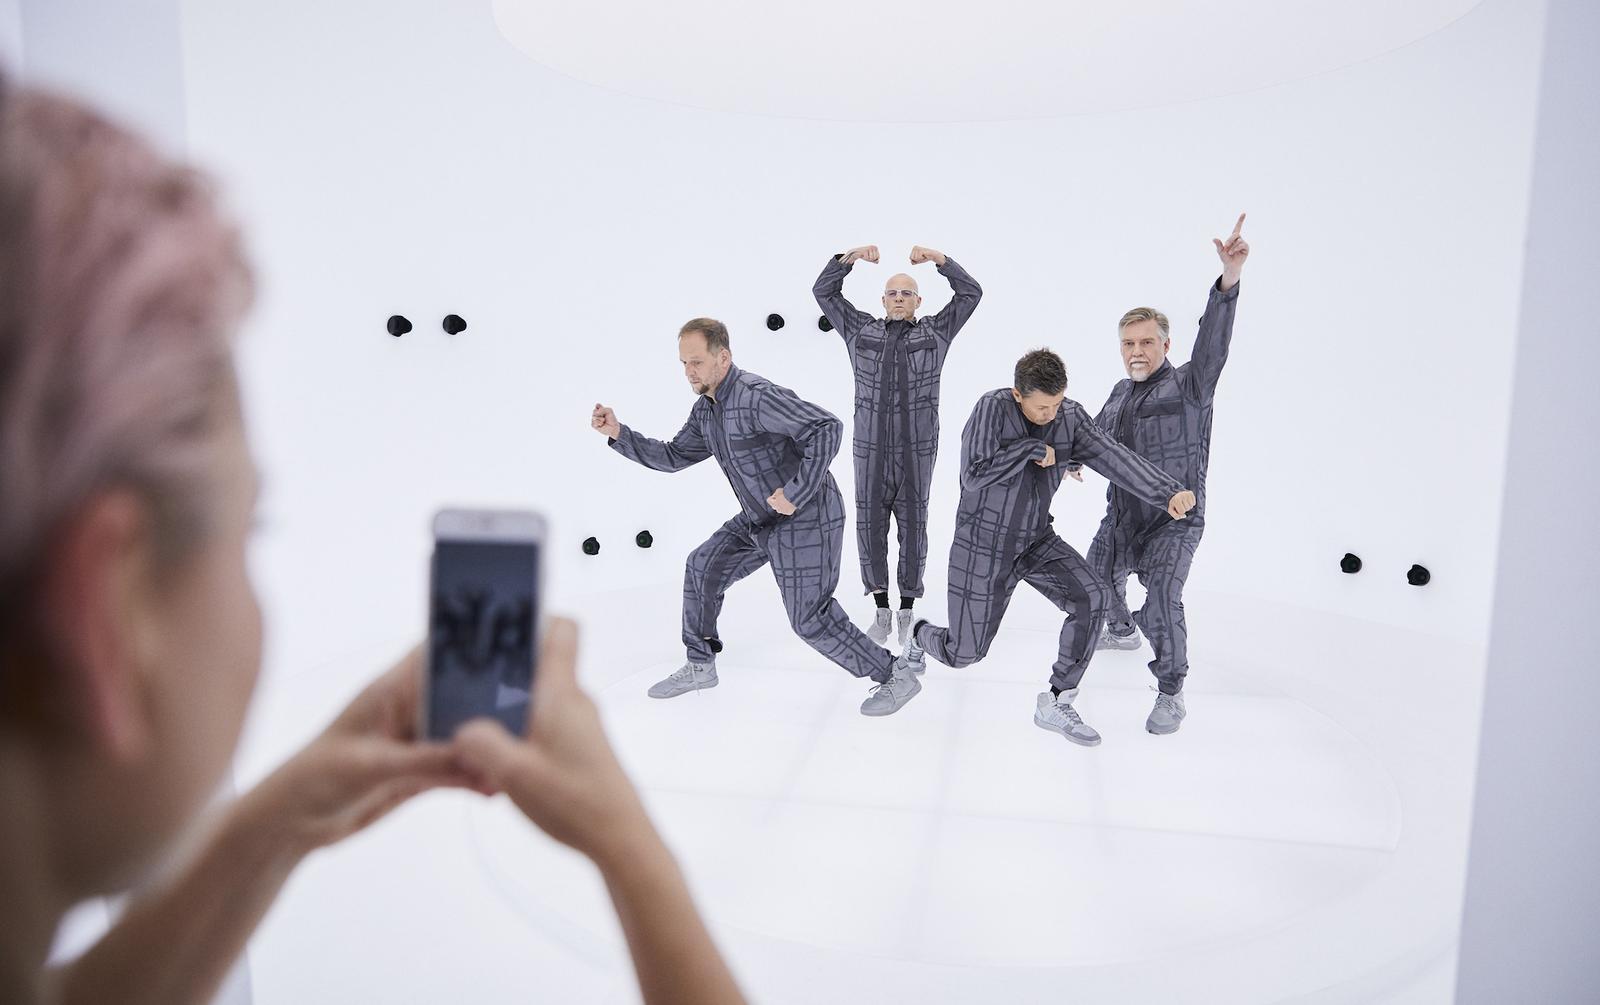 Fantaventura - Advertorial: Die Fantastischen Vier schaffen einzigartige VR-Experience